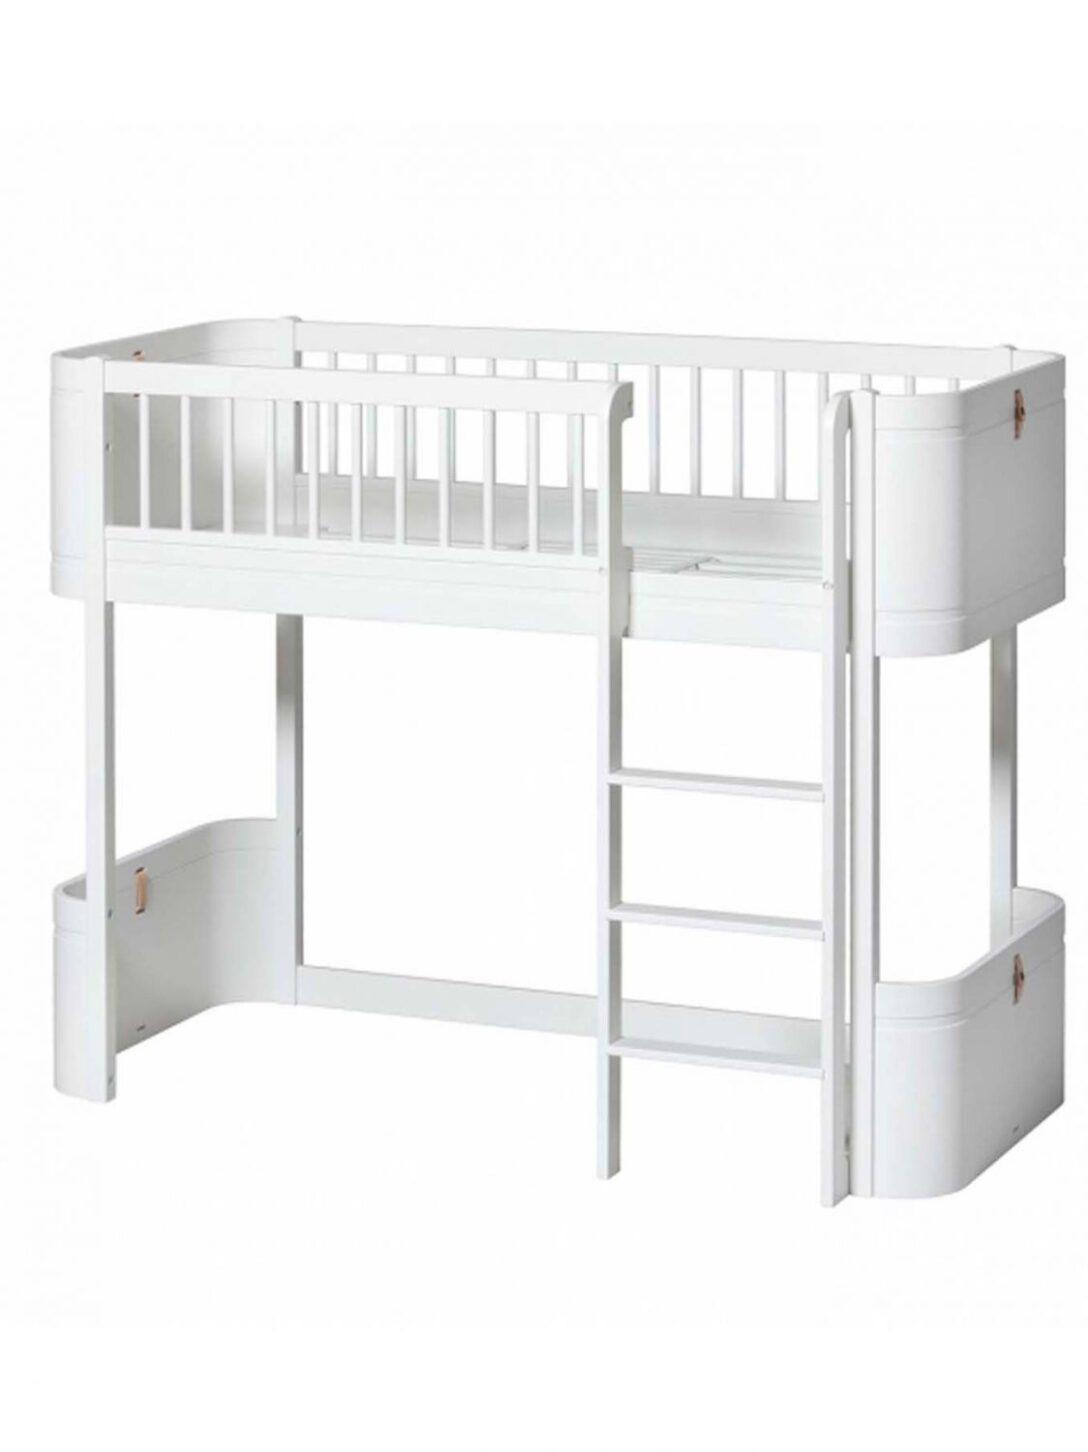 Large Size of Wood Mini Halbhohes Hochbett Bett Wohnzimmer Halbhohes Hochbett